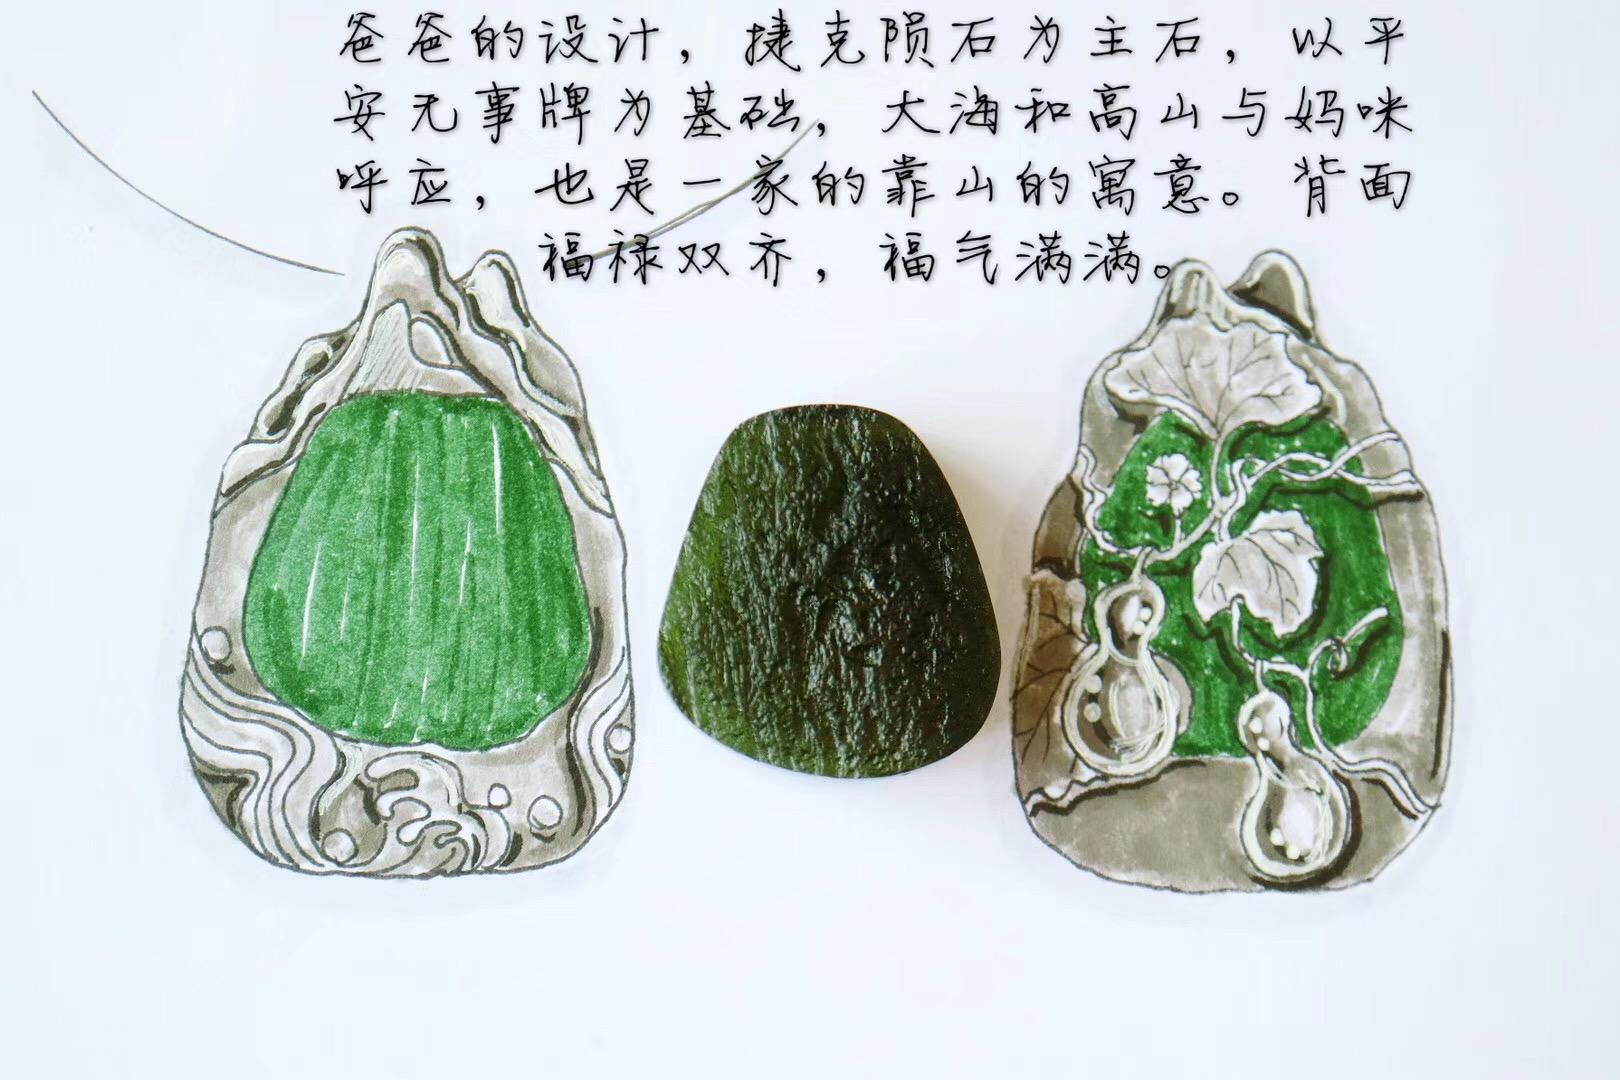 【菩心-捷克陨石、碧玺、月光石】这是幸福一家的定制~-菩心晶舍